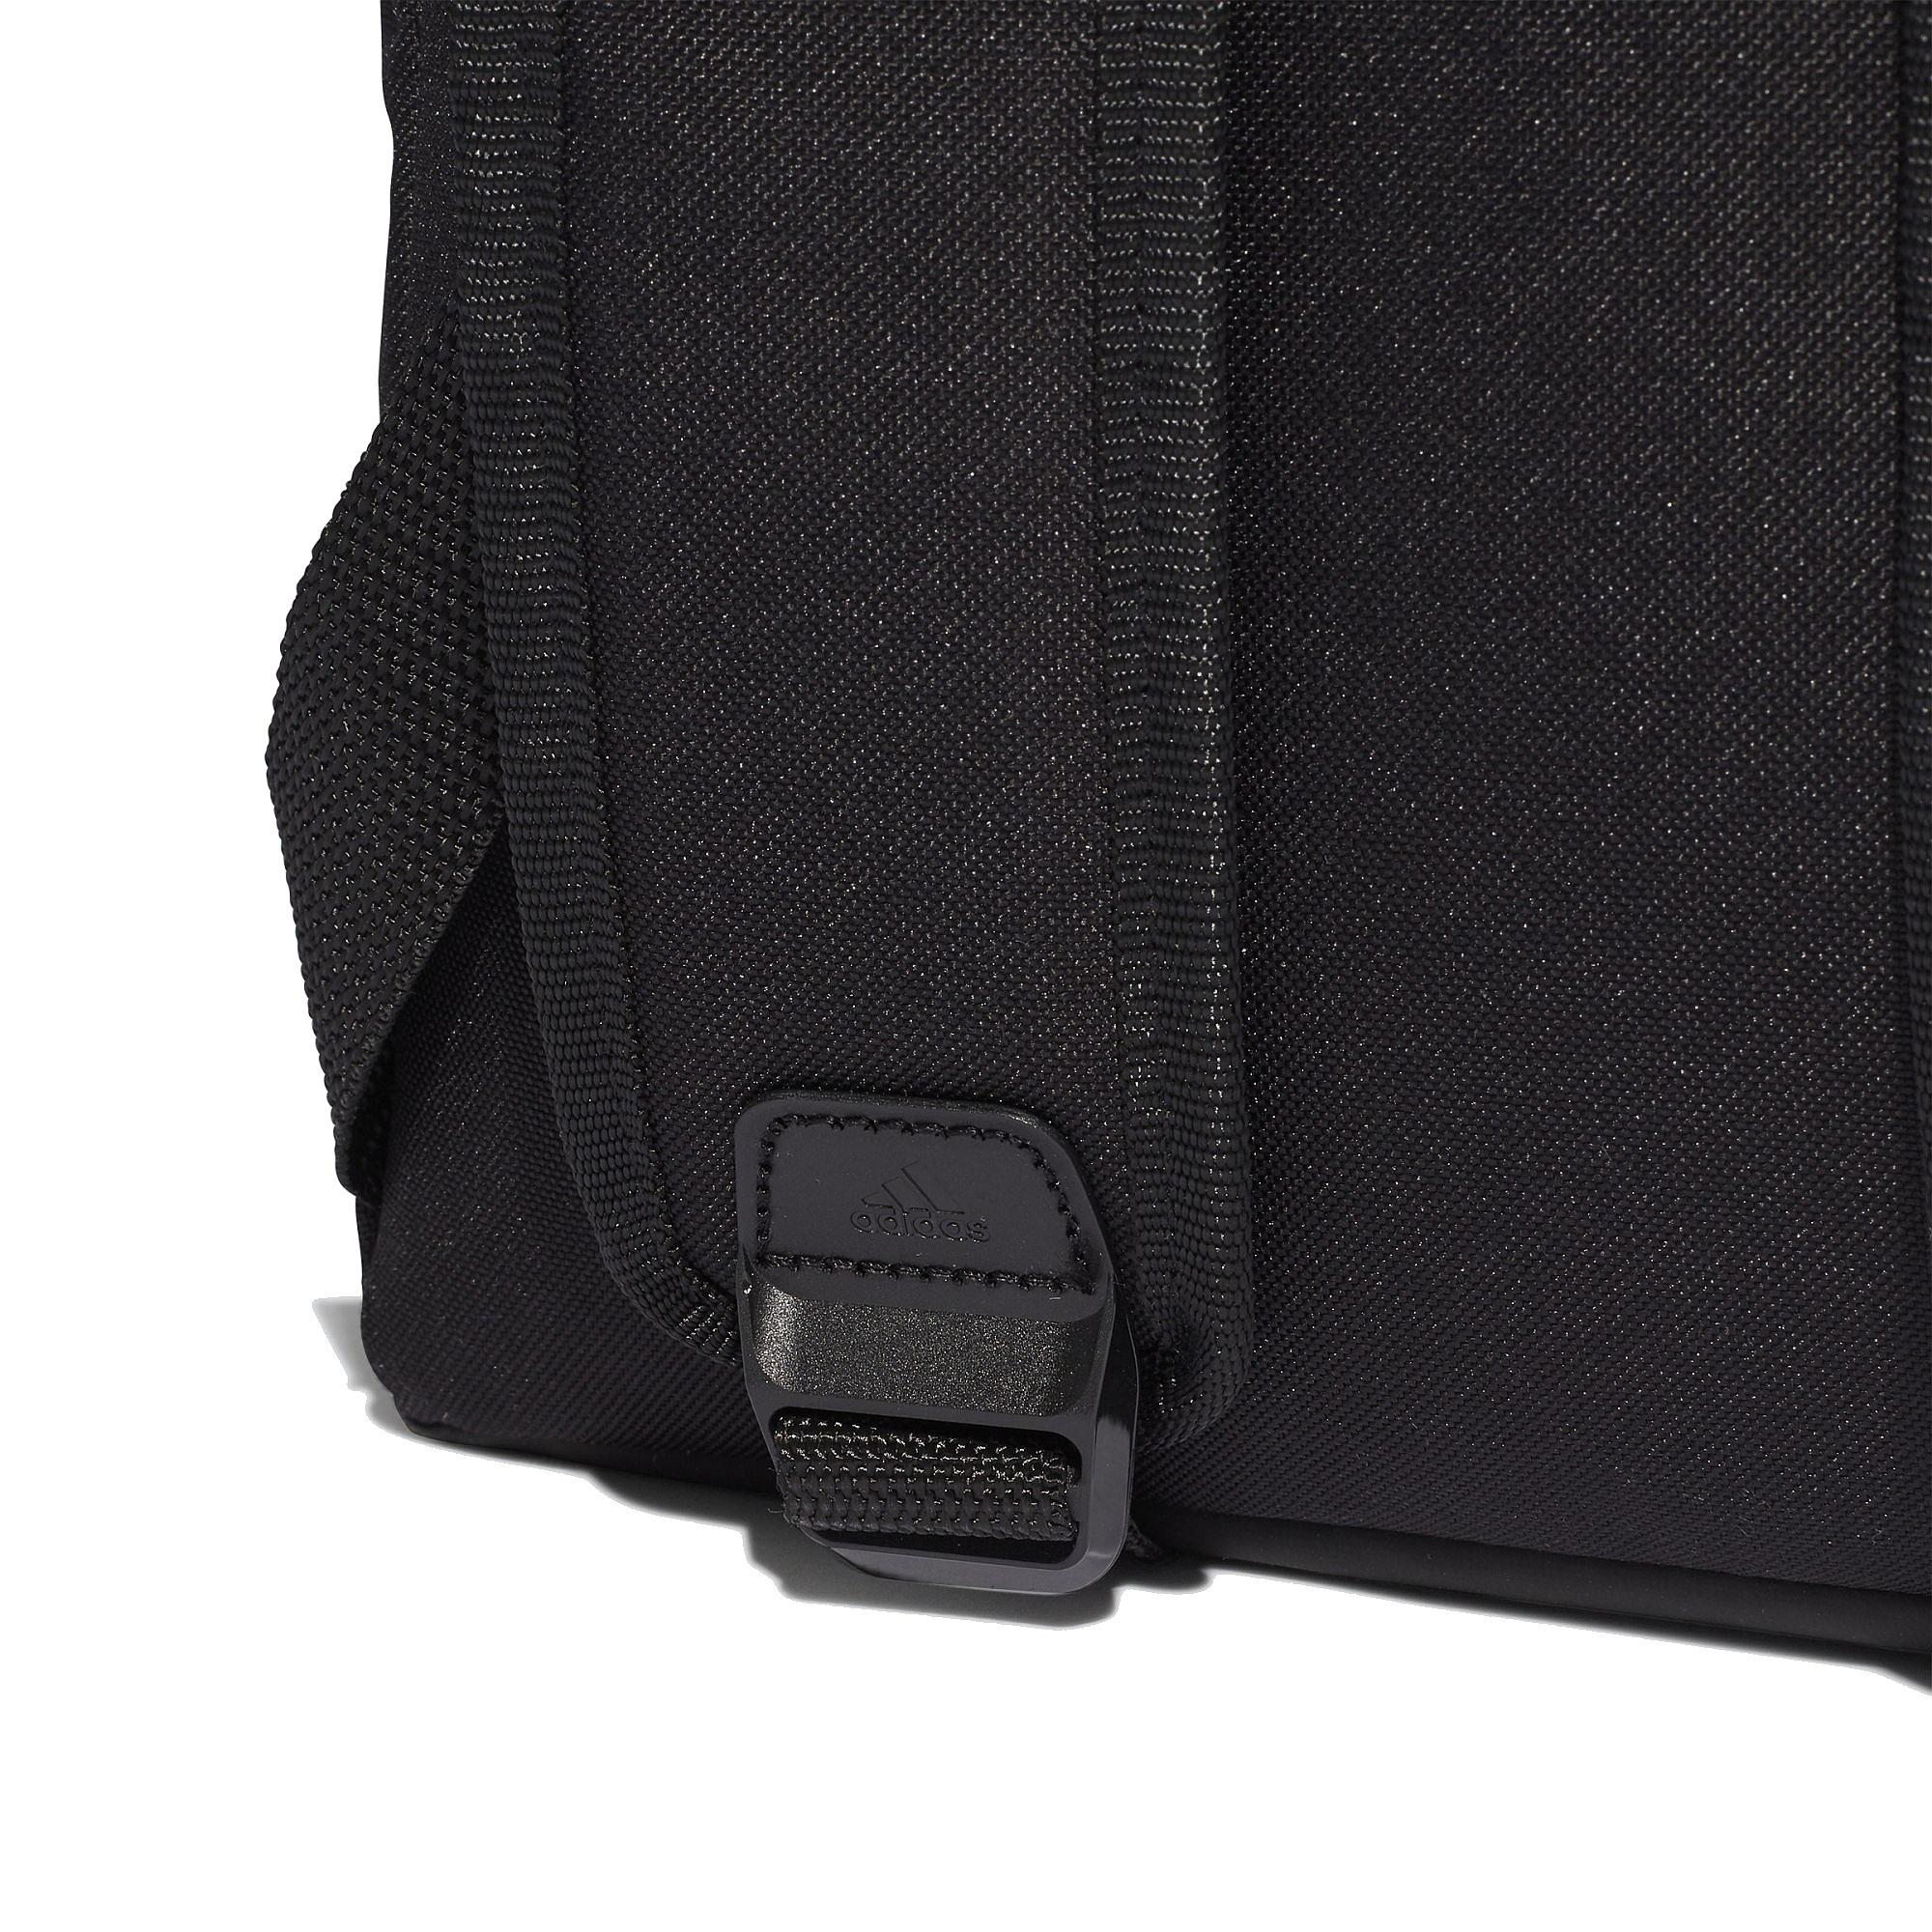 backpack adidas Performance Daily II - Hazy Rose/Black/White